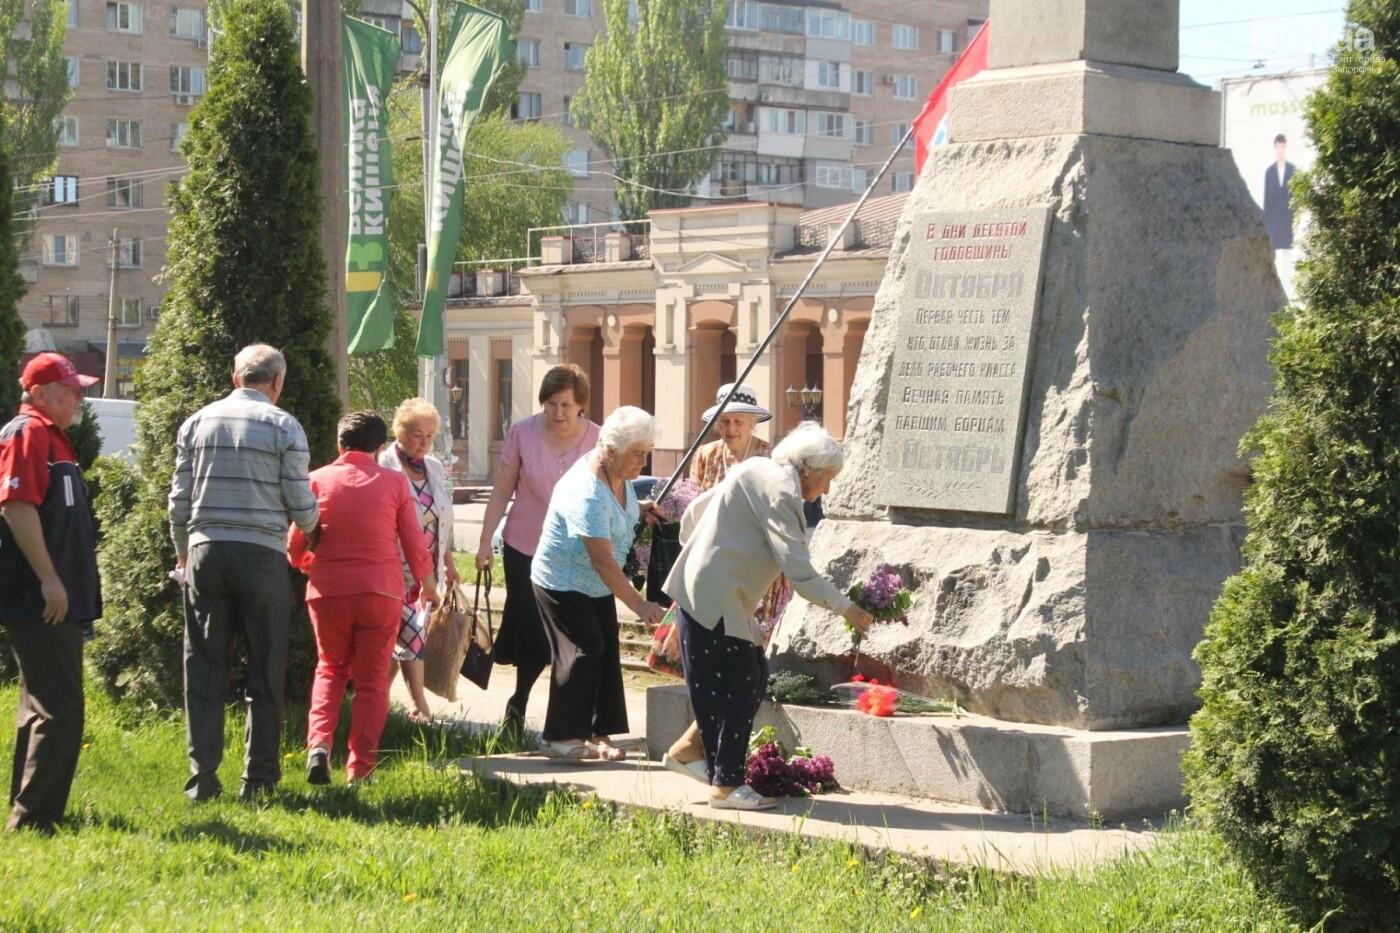 Запорожские коммунисты с красными флагами провели митинг к 1 мая: к «вечному огню» на Свободы пришли полсотни людей, – ФОТОРЕПОРТАЖ, фото-17